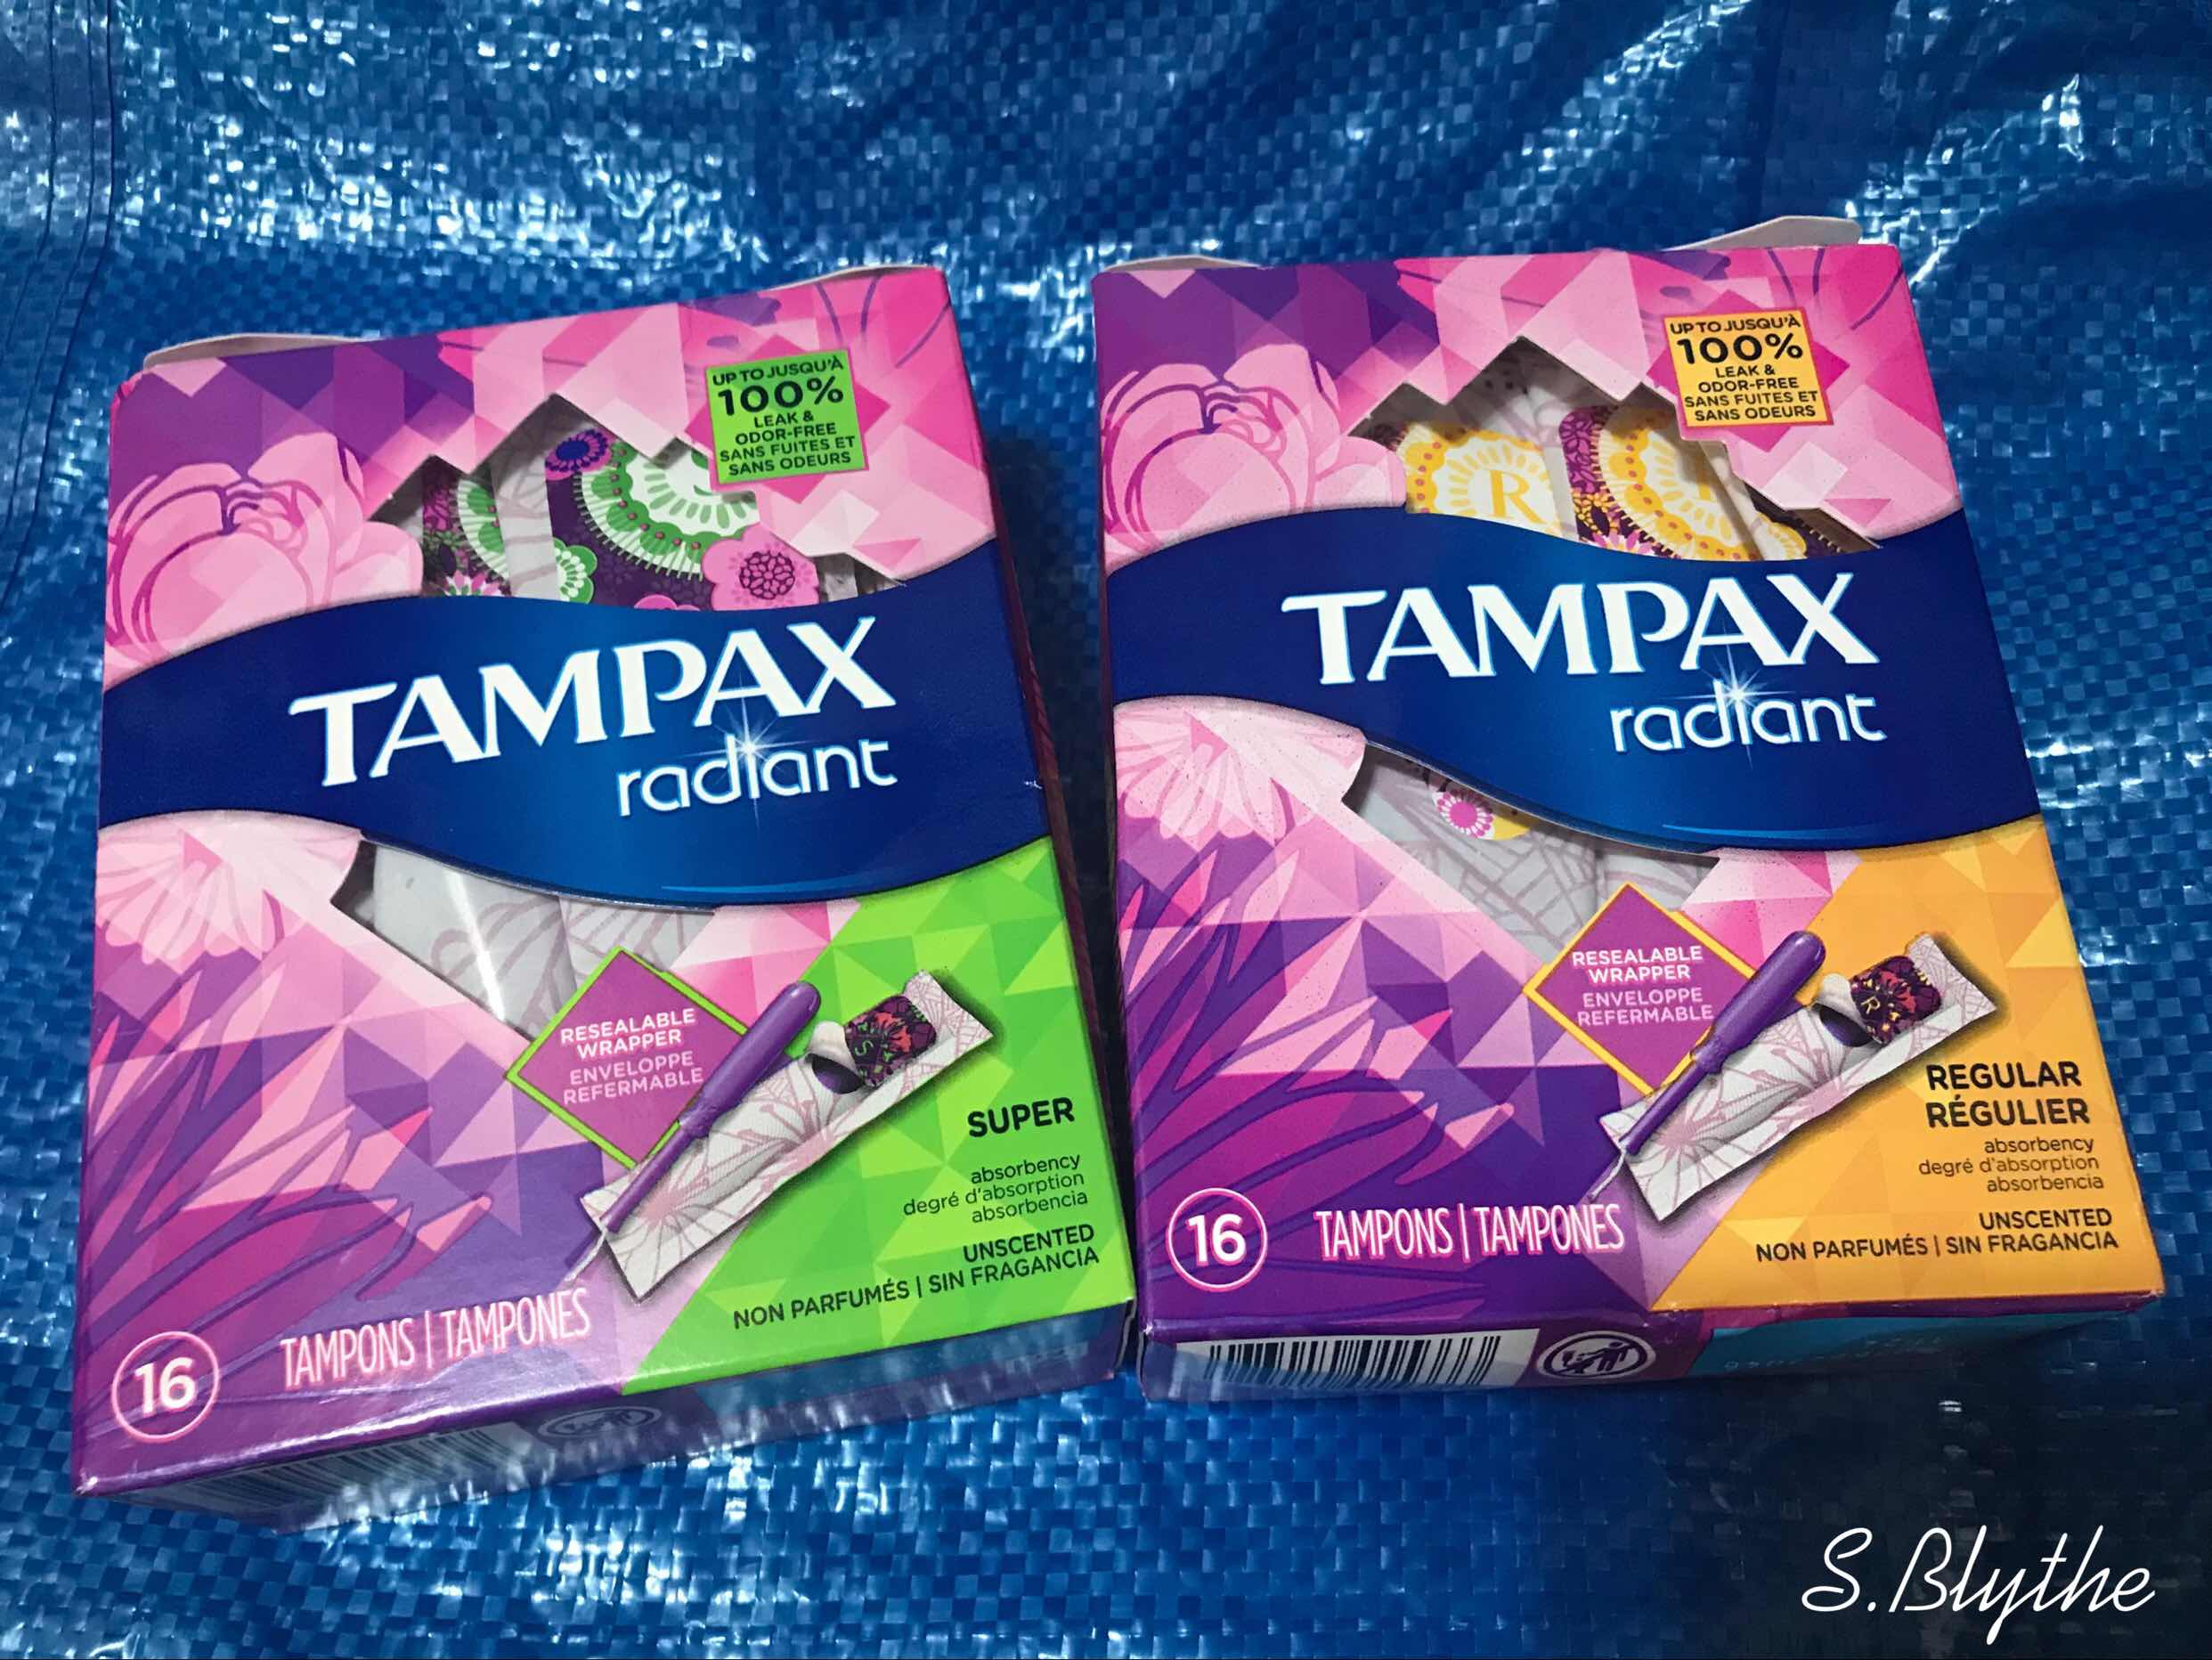 蜜月旅行輕鬆自在,只因Tampax棉條!